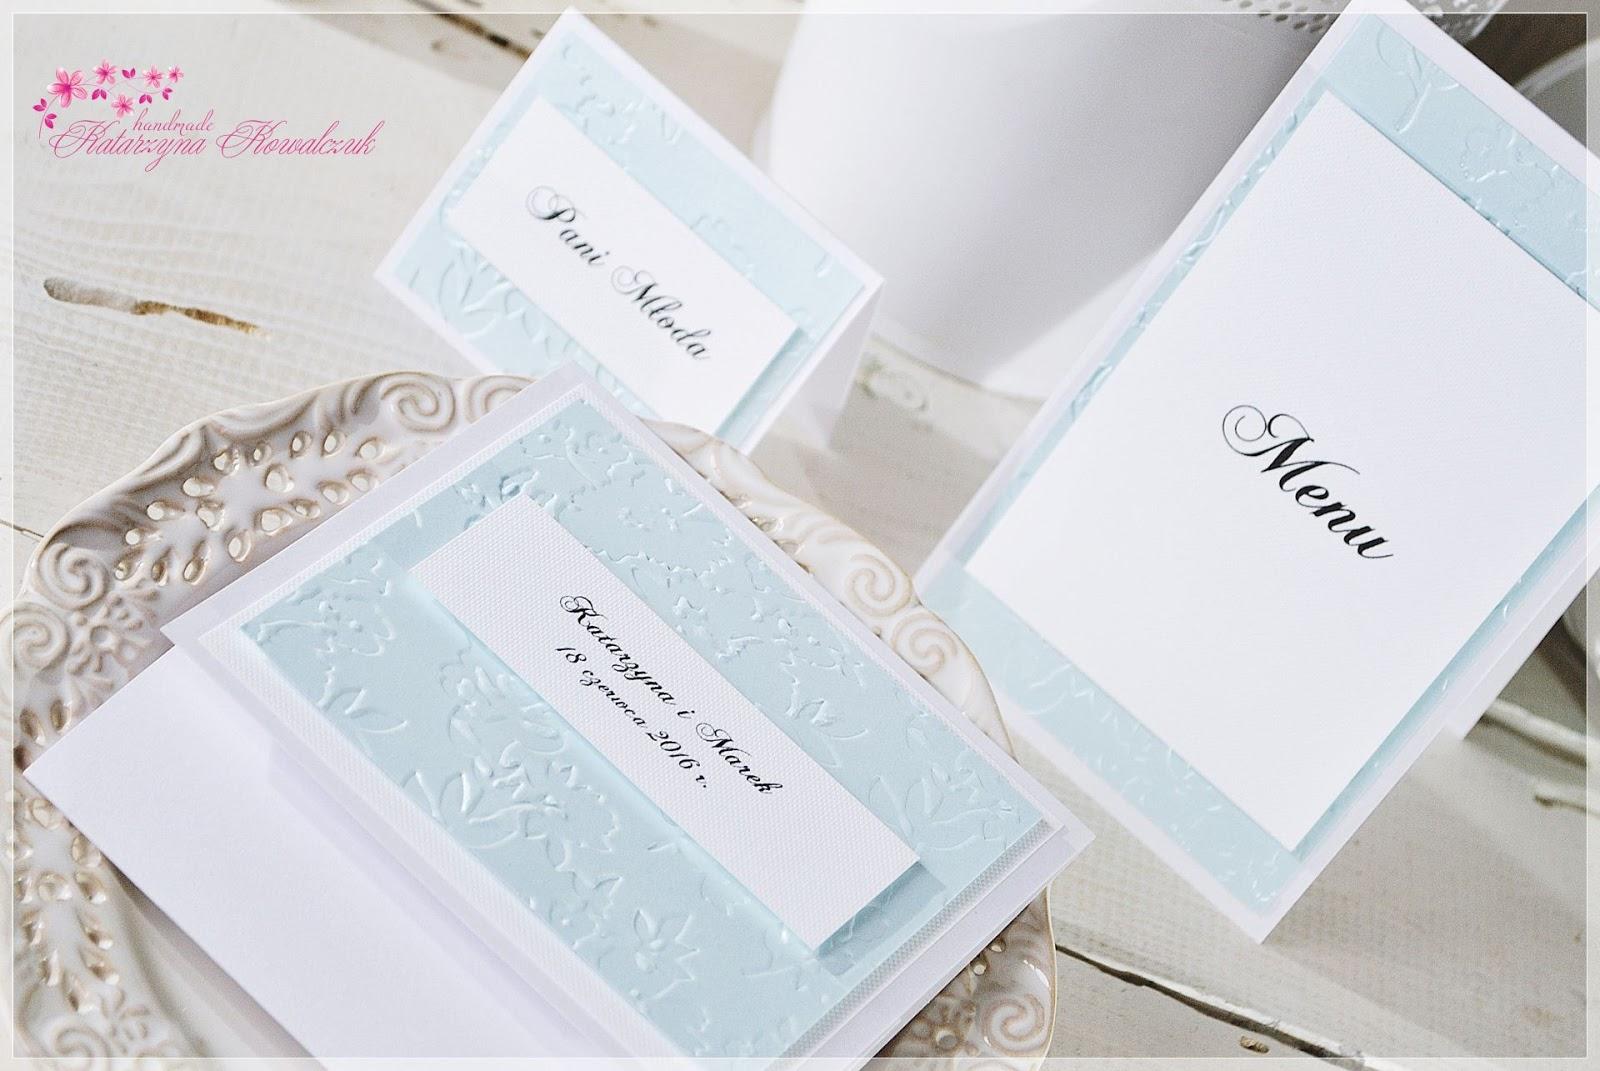 zaproszenie ślubne, winietka na stół, menu, scrapbooking